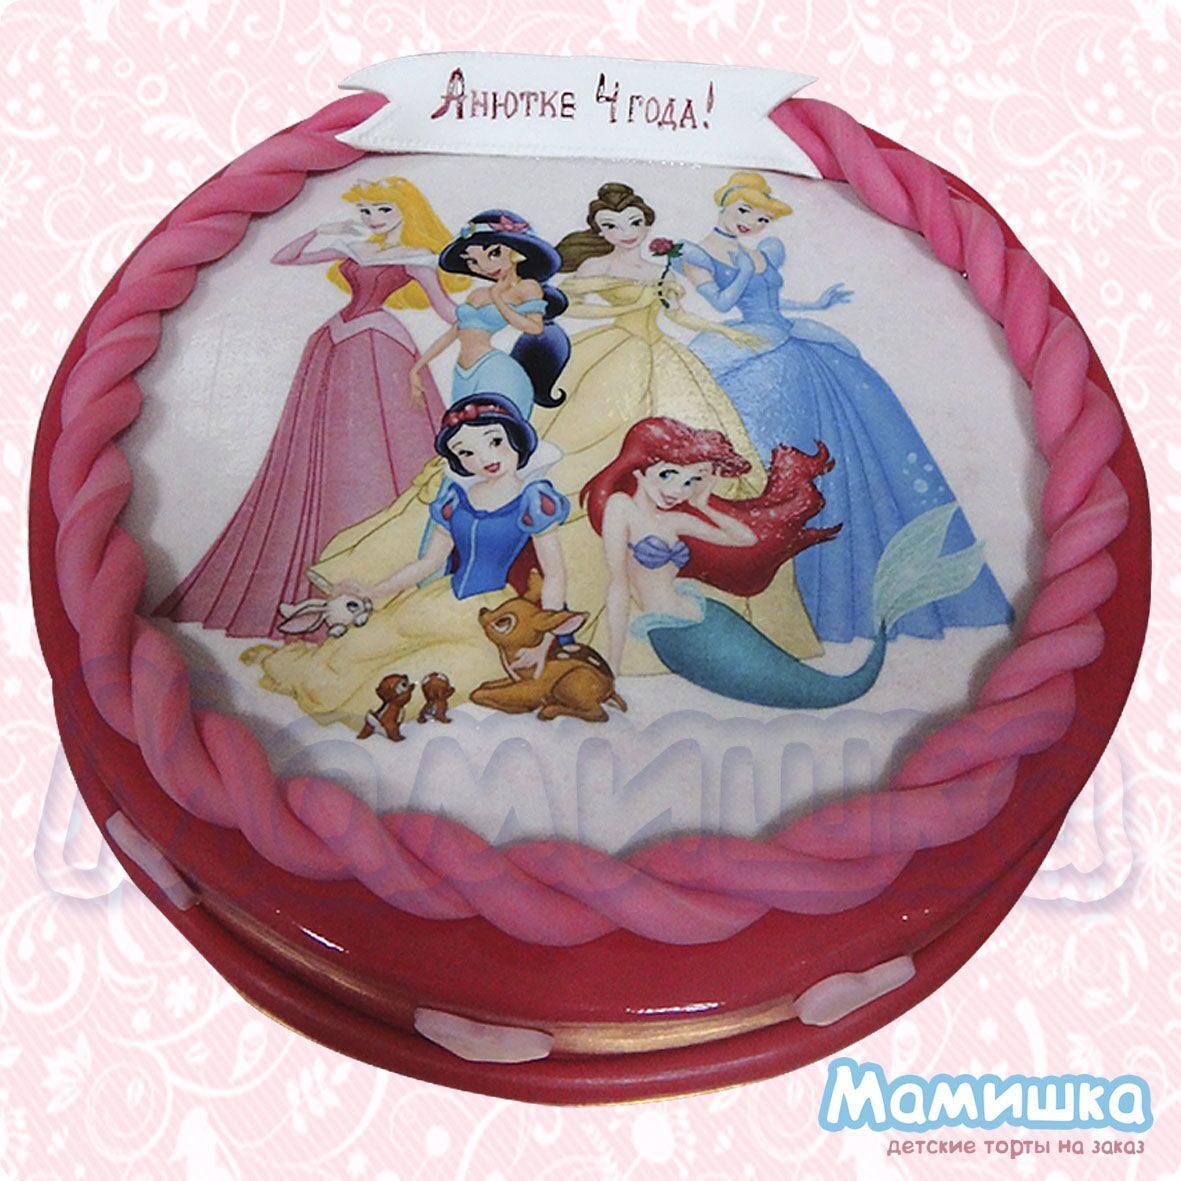 Торт с принцессами из диснея